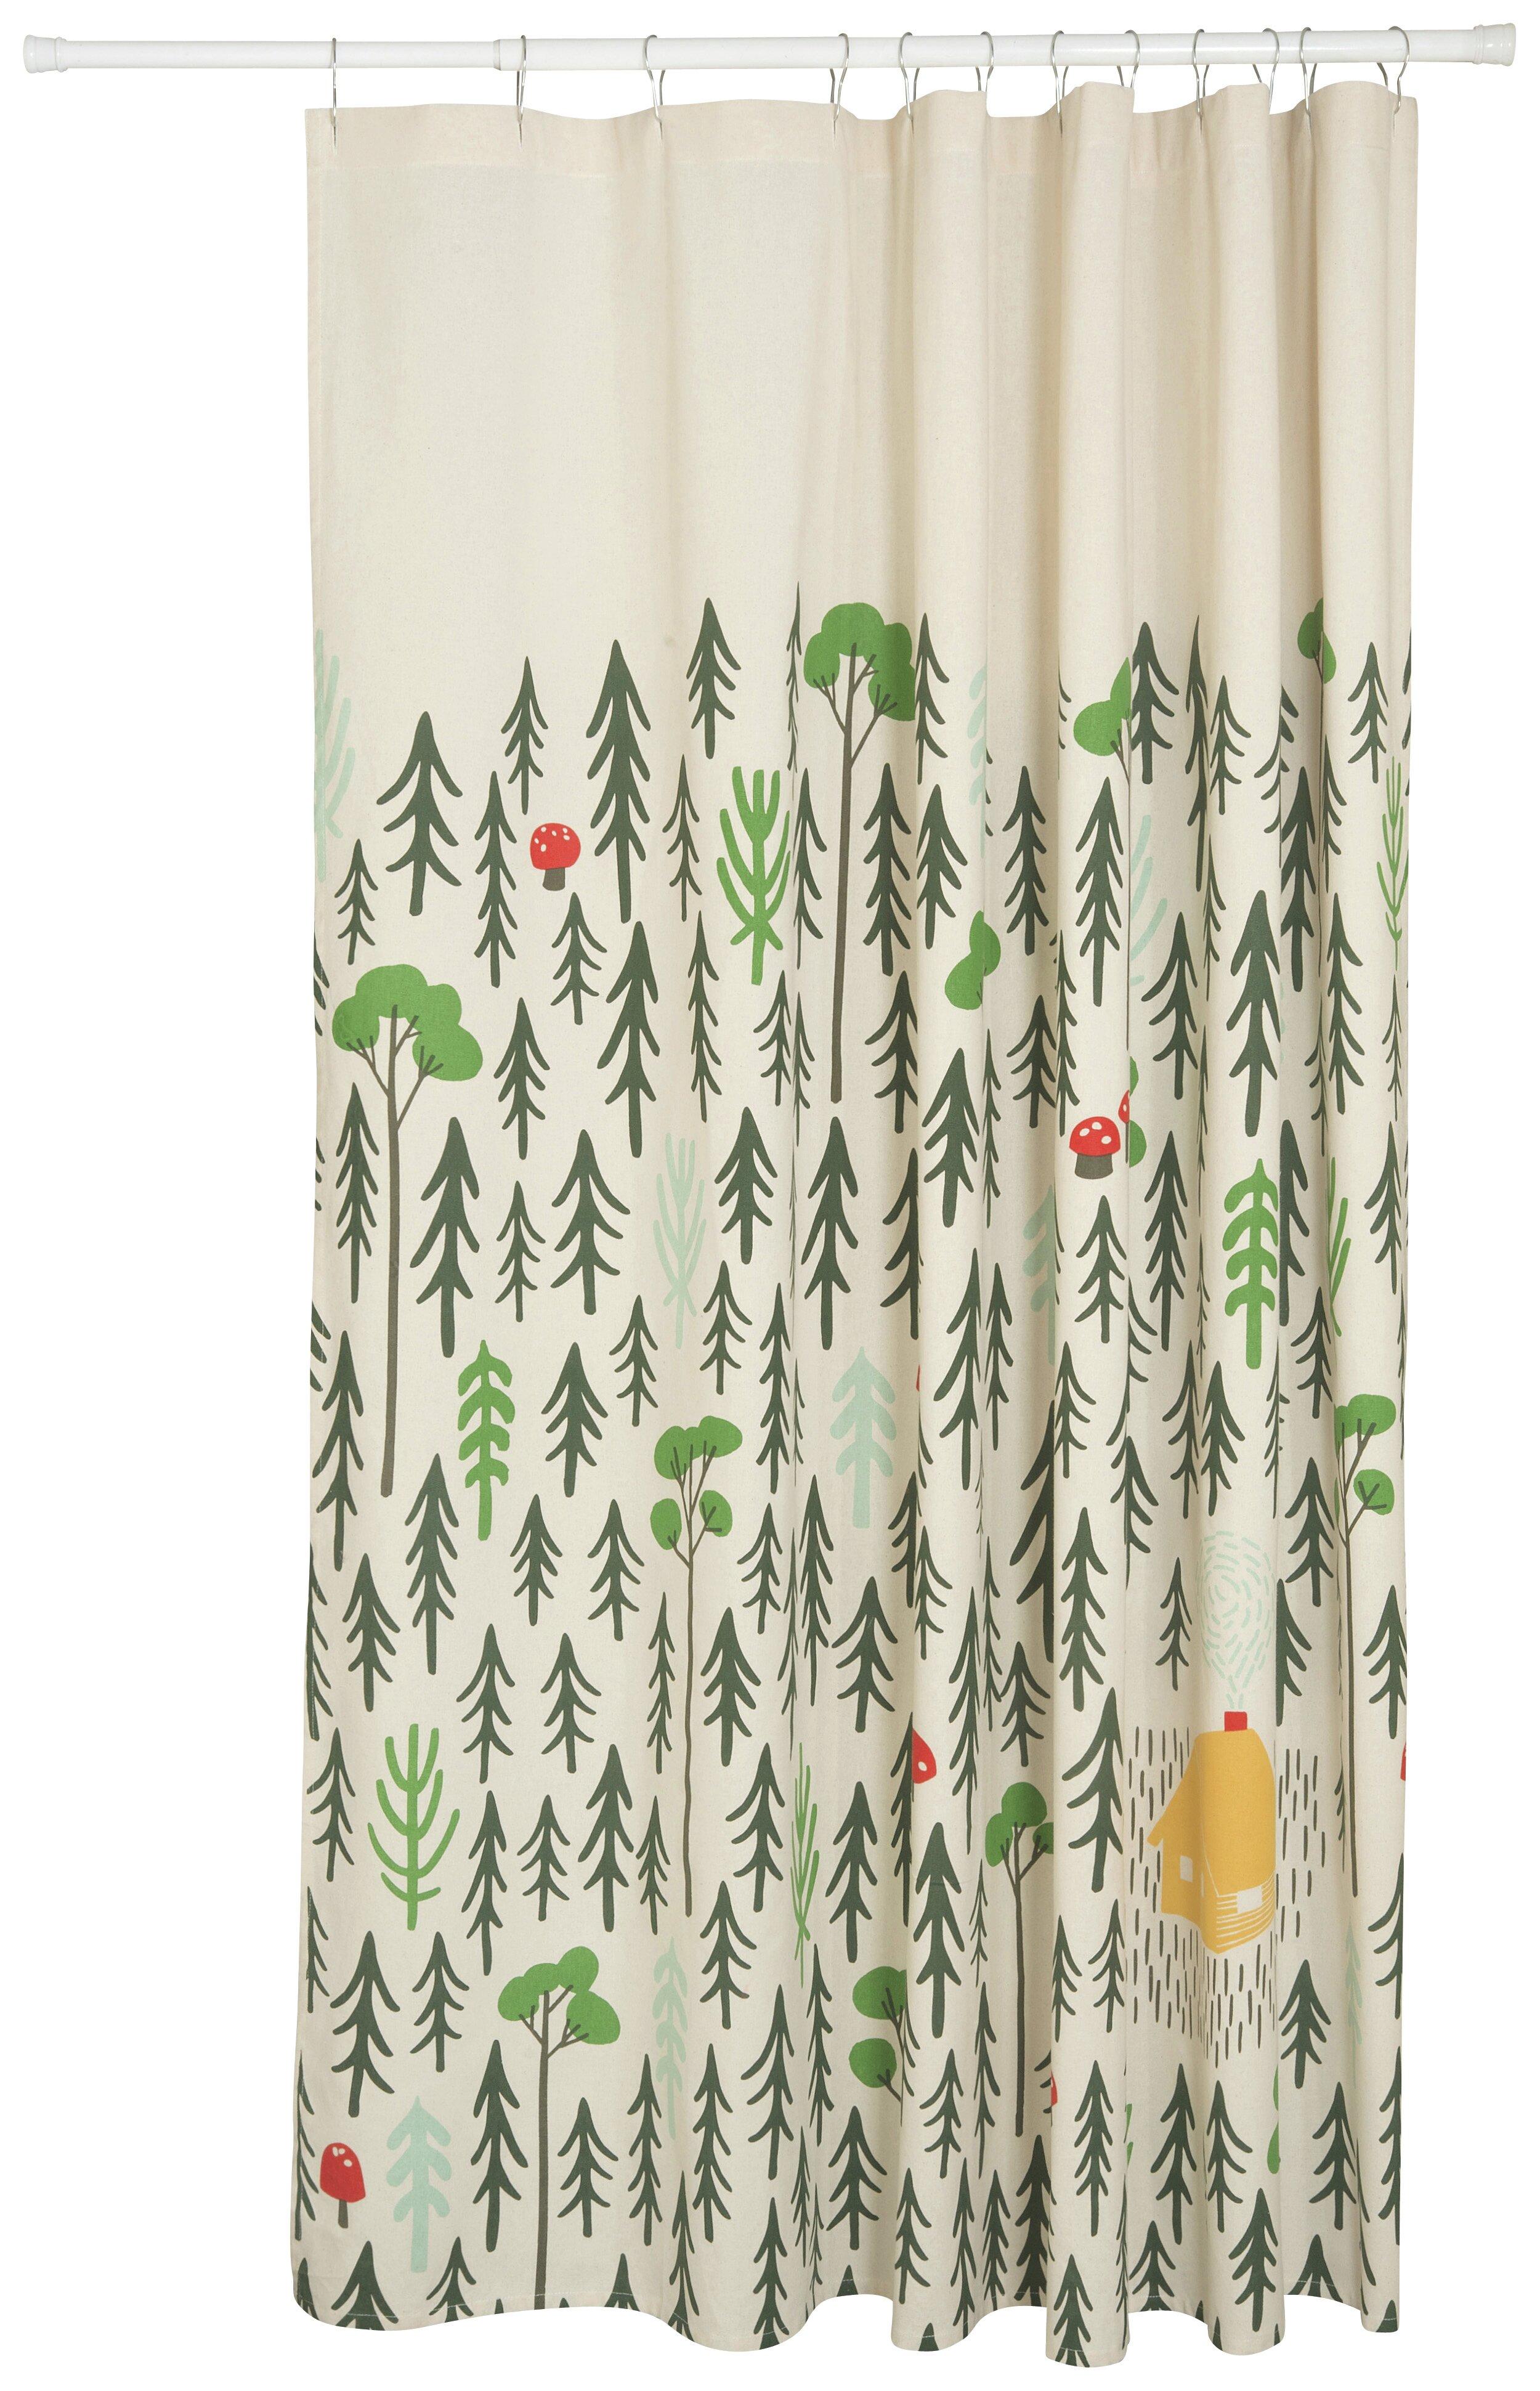 Danica Studio Wayfair Llamarama 100 Cotton Shower Curtain